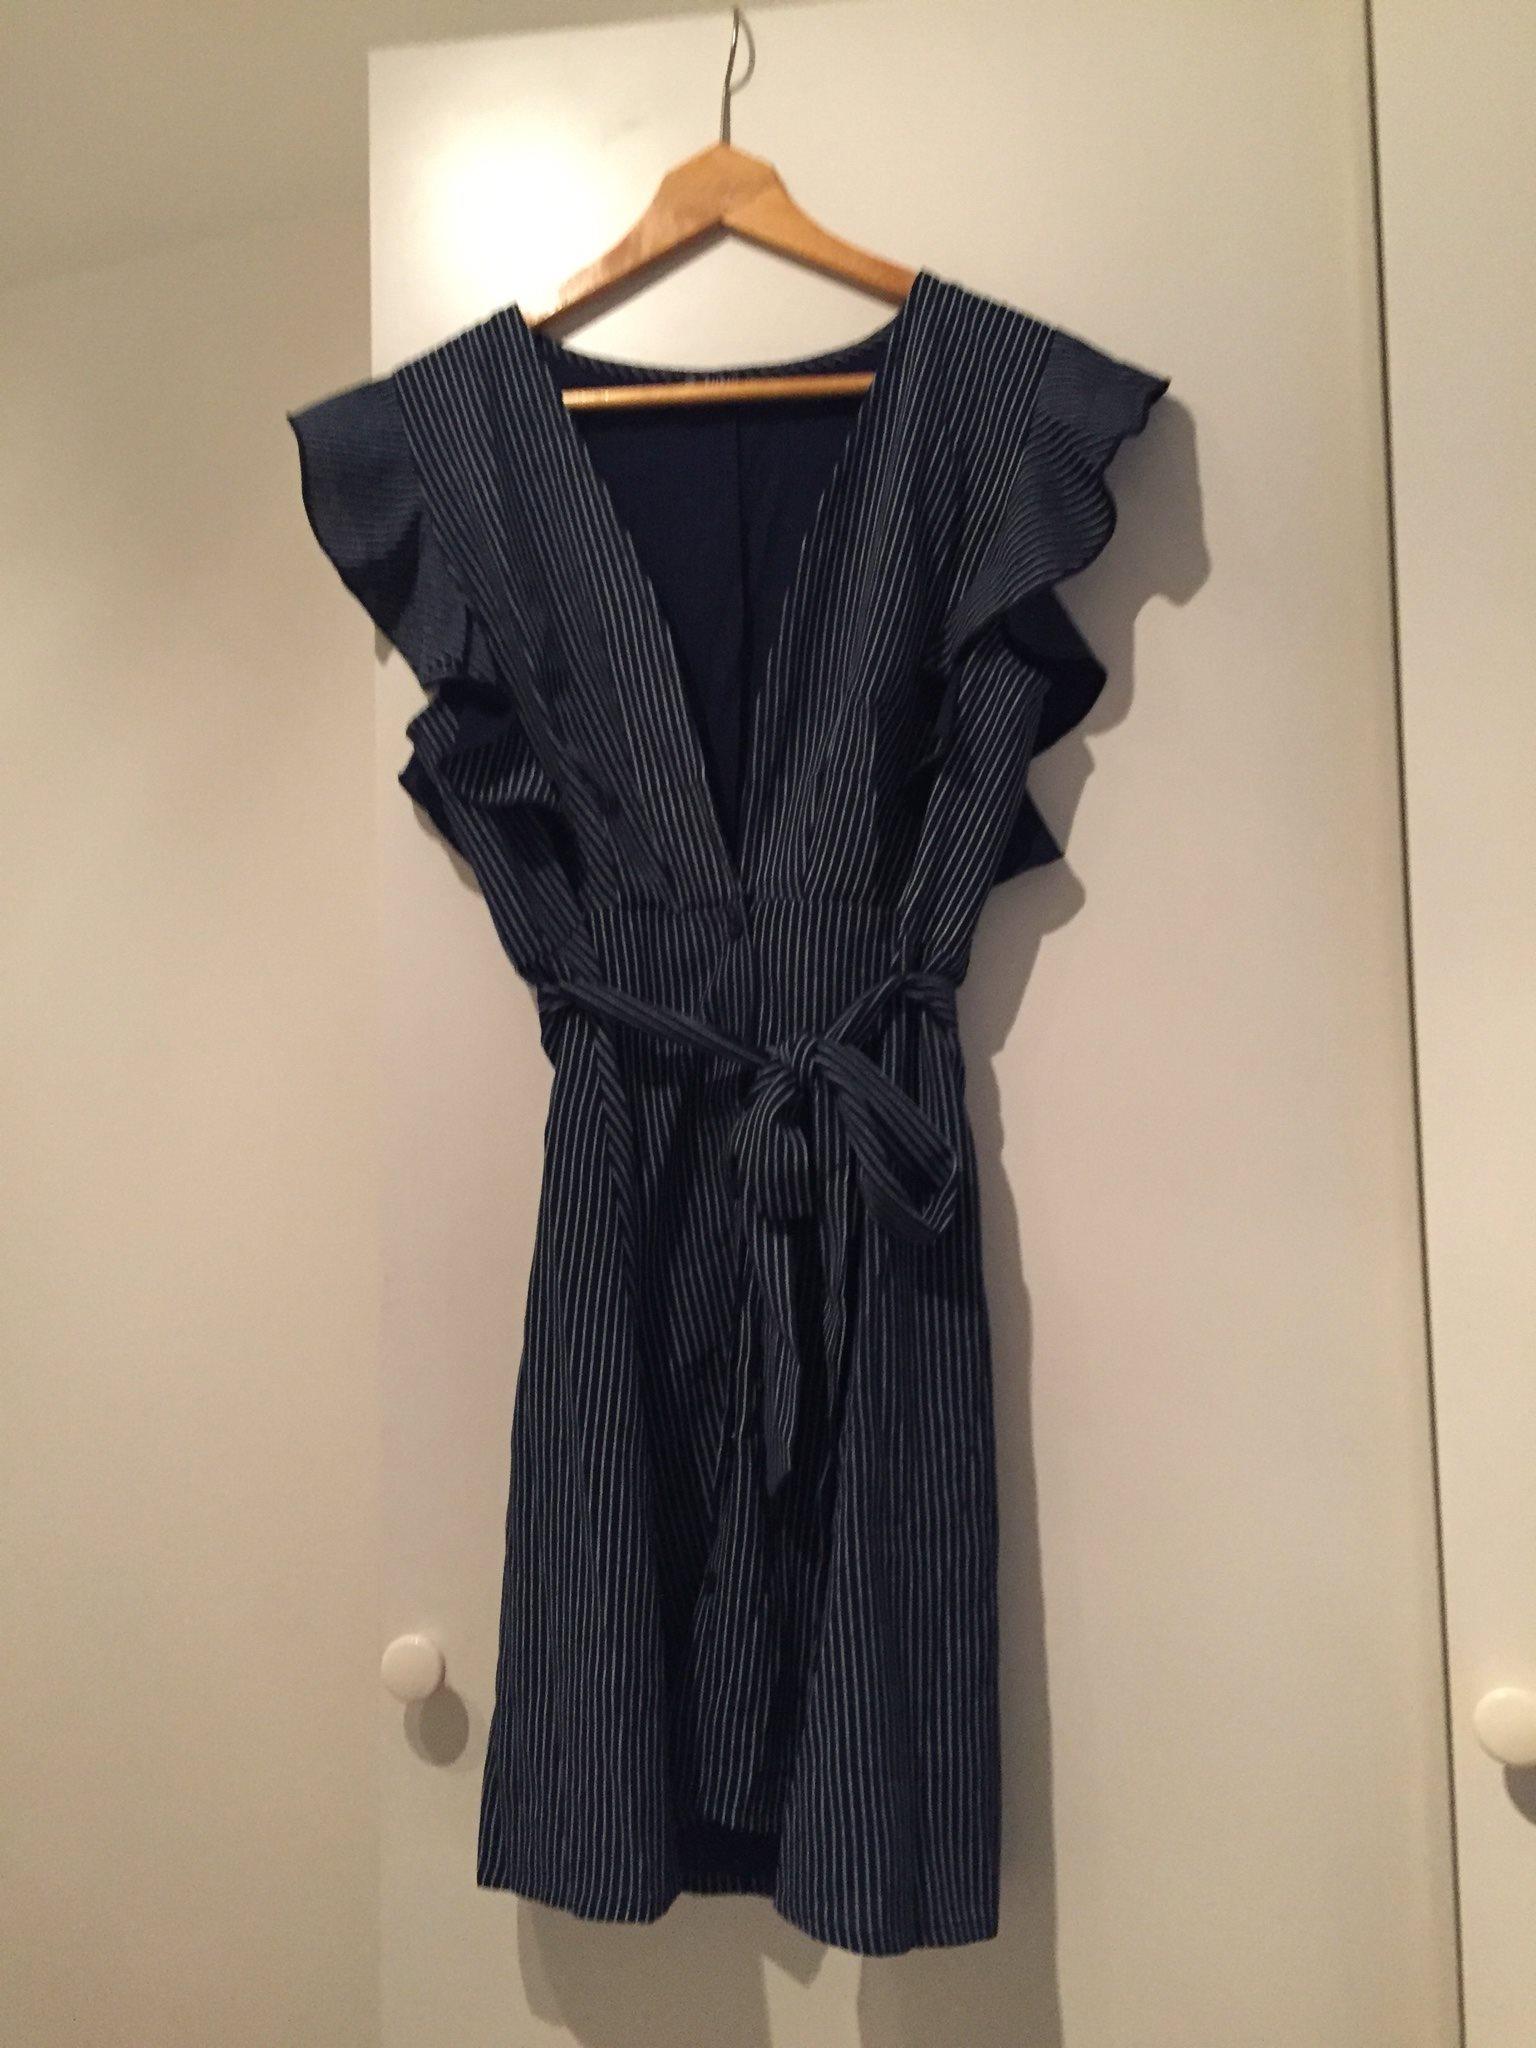 HELT NY mörkblå randig klänning (338359943) ᐈ Köp på Tradera d02895a10f420